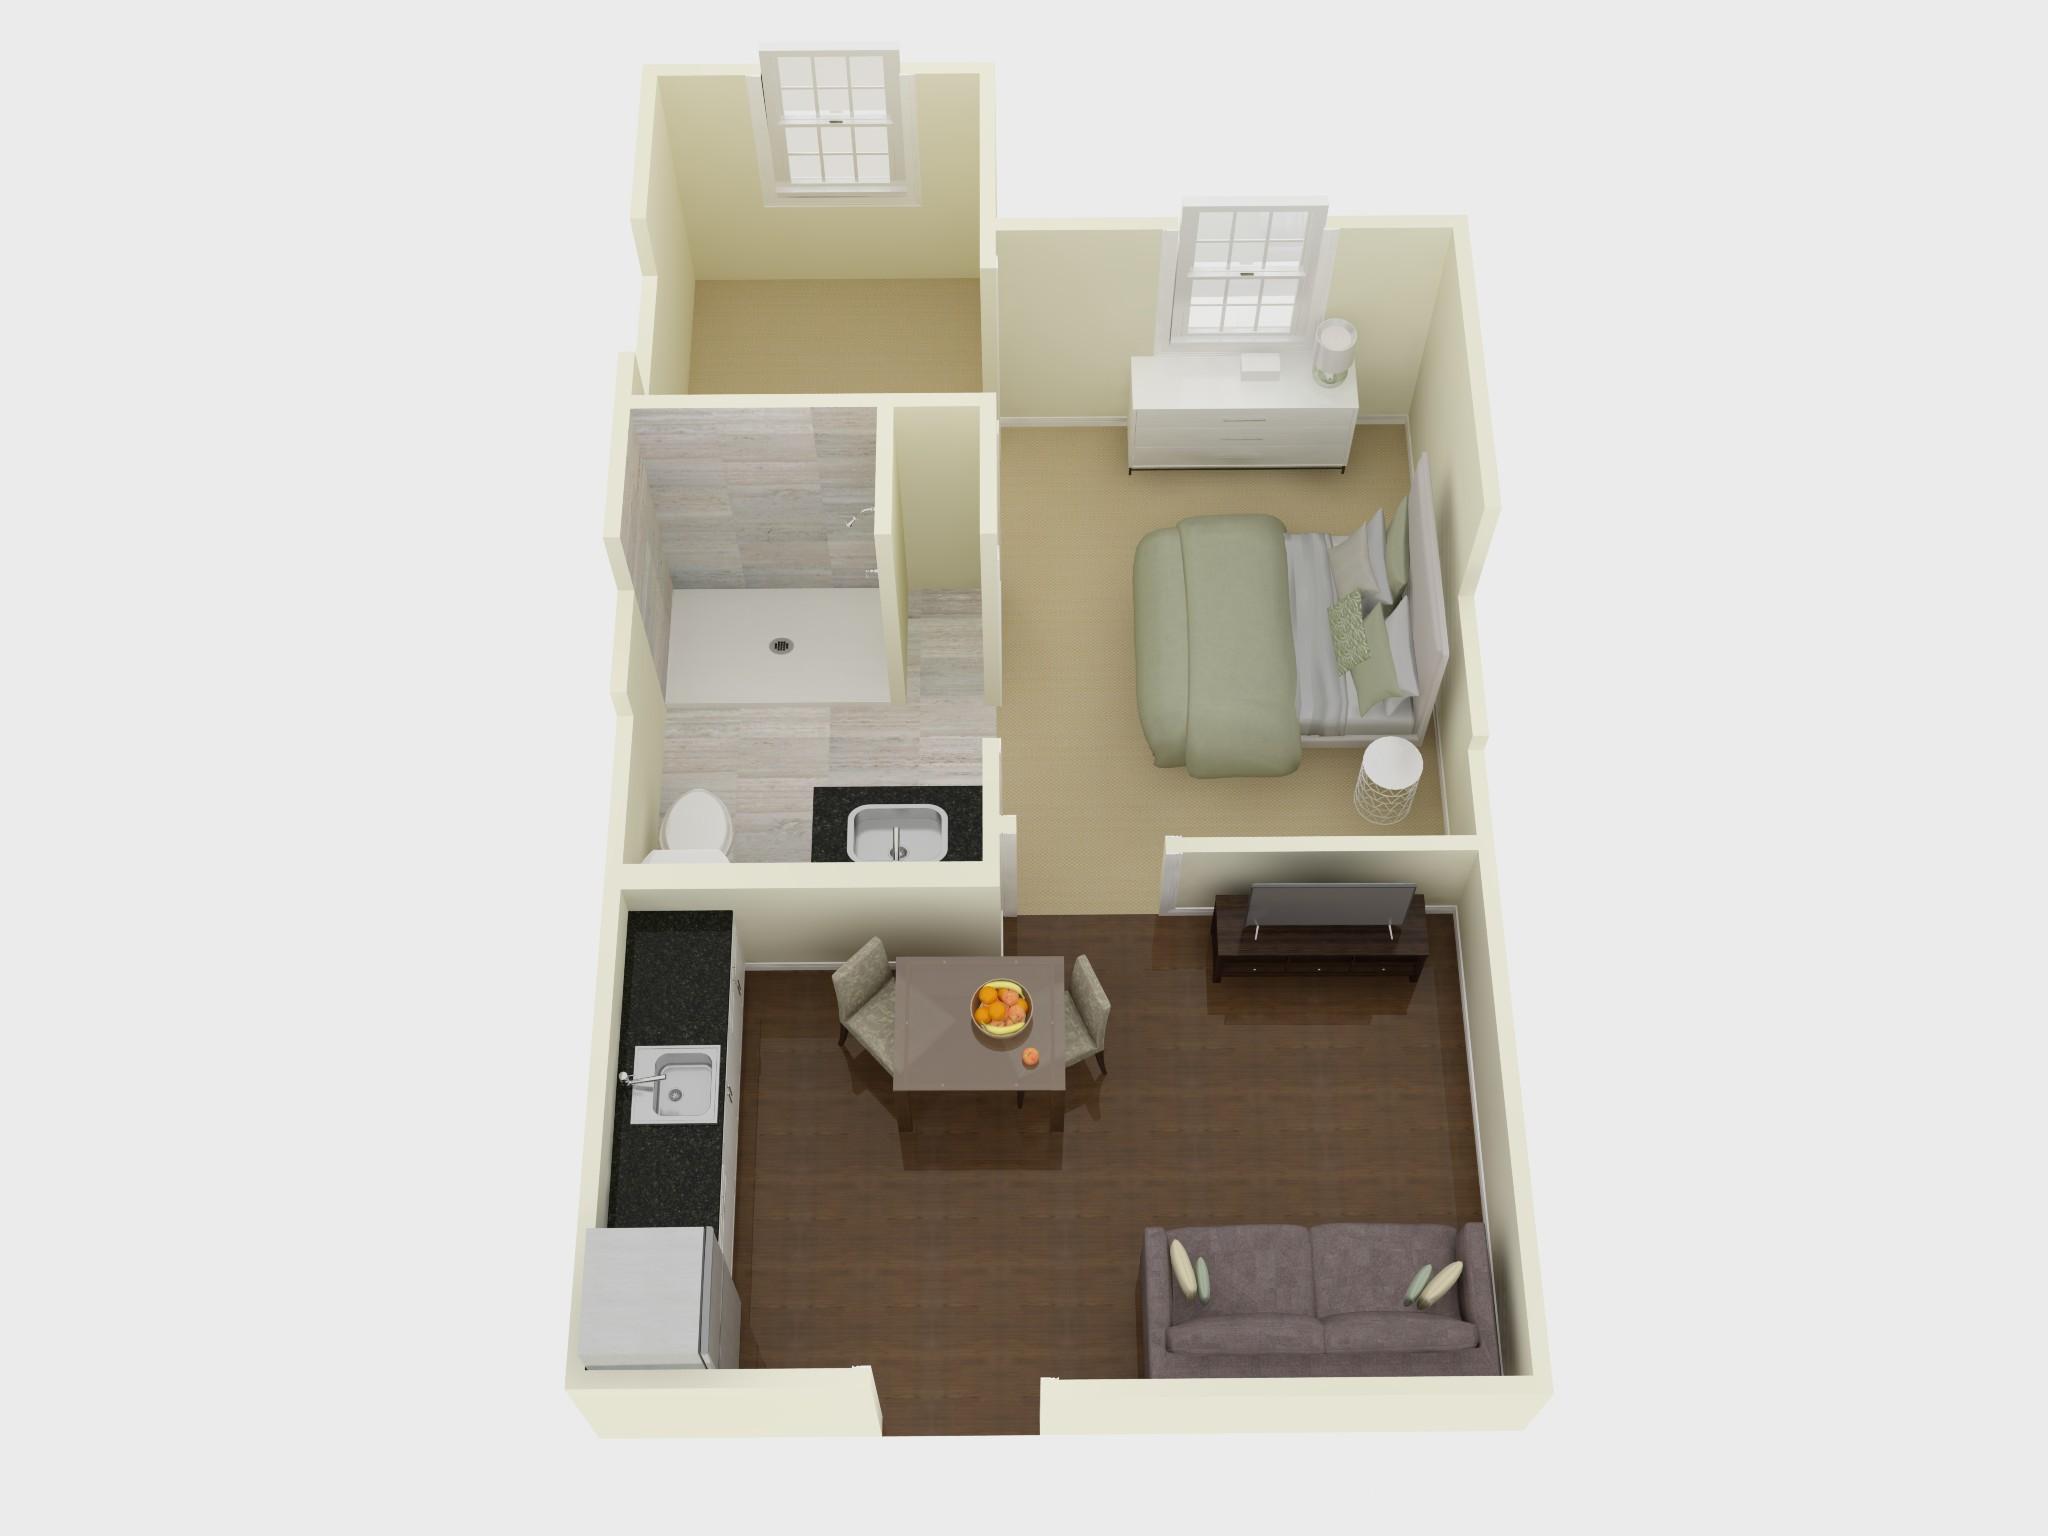 methodistVillageFS-rooms-2